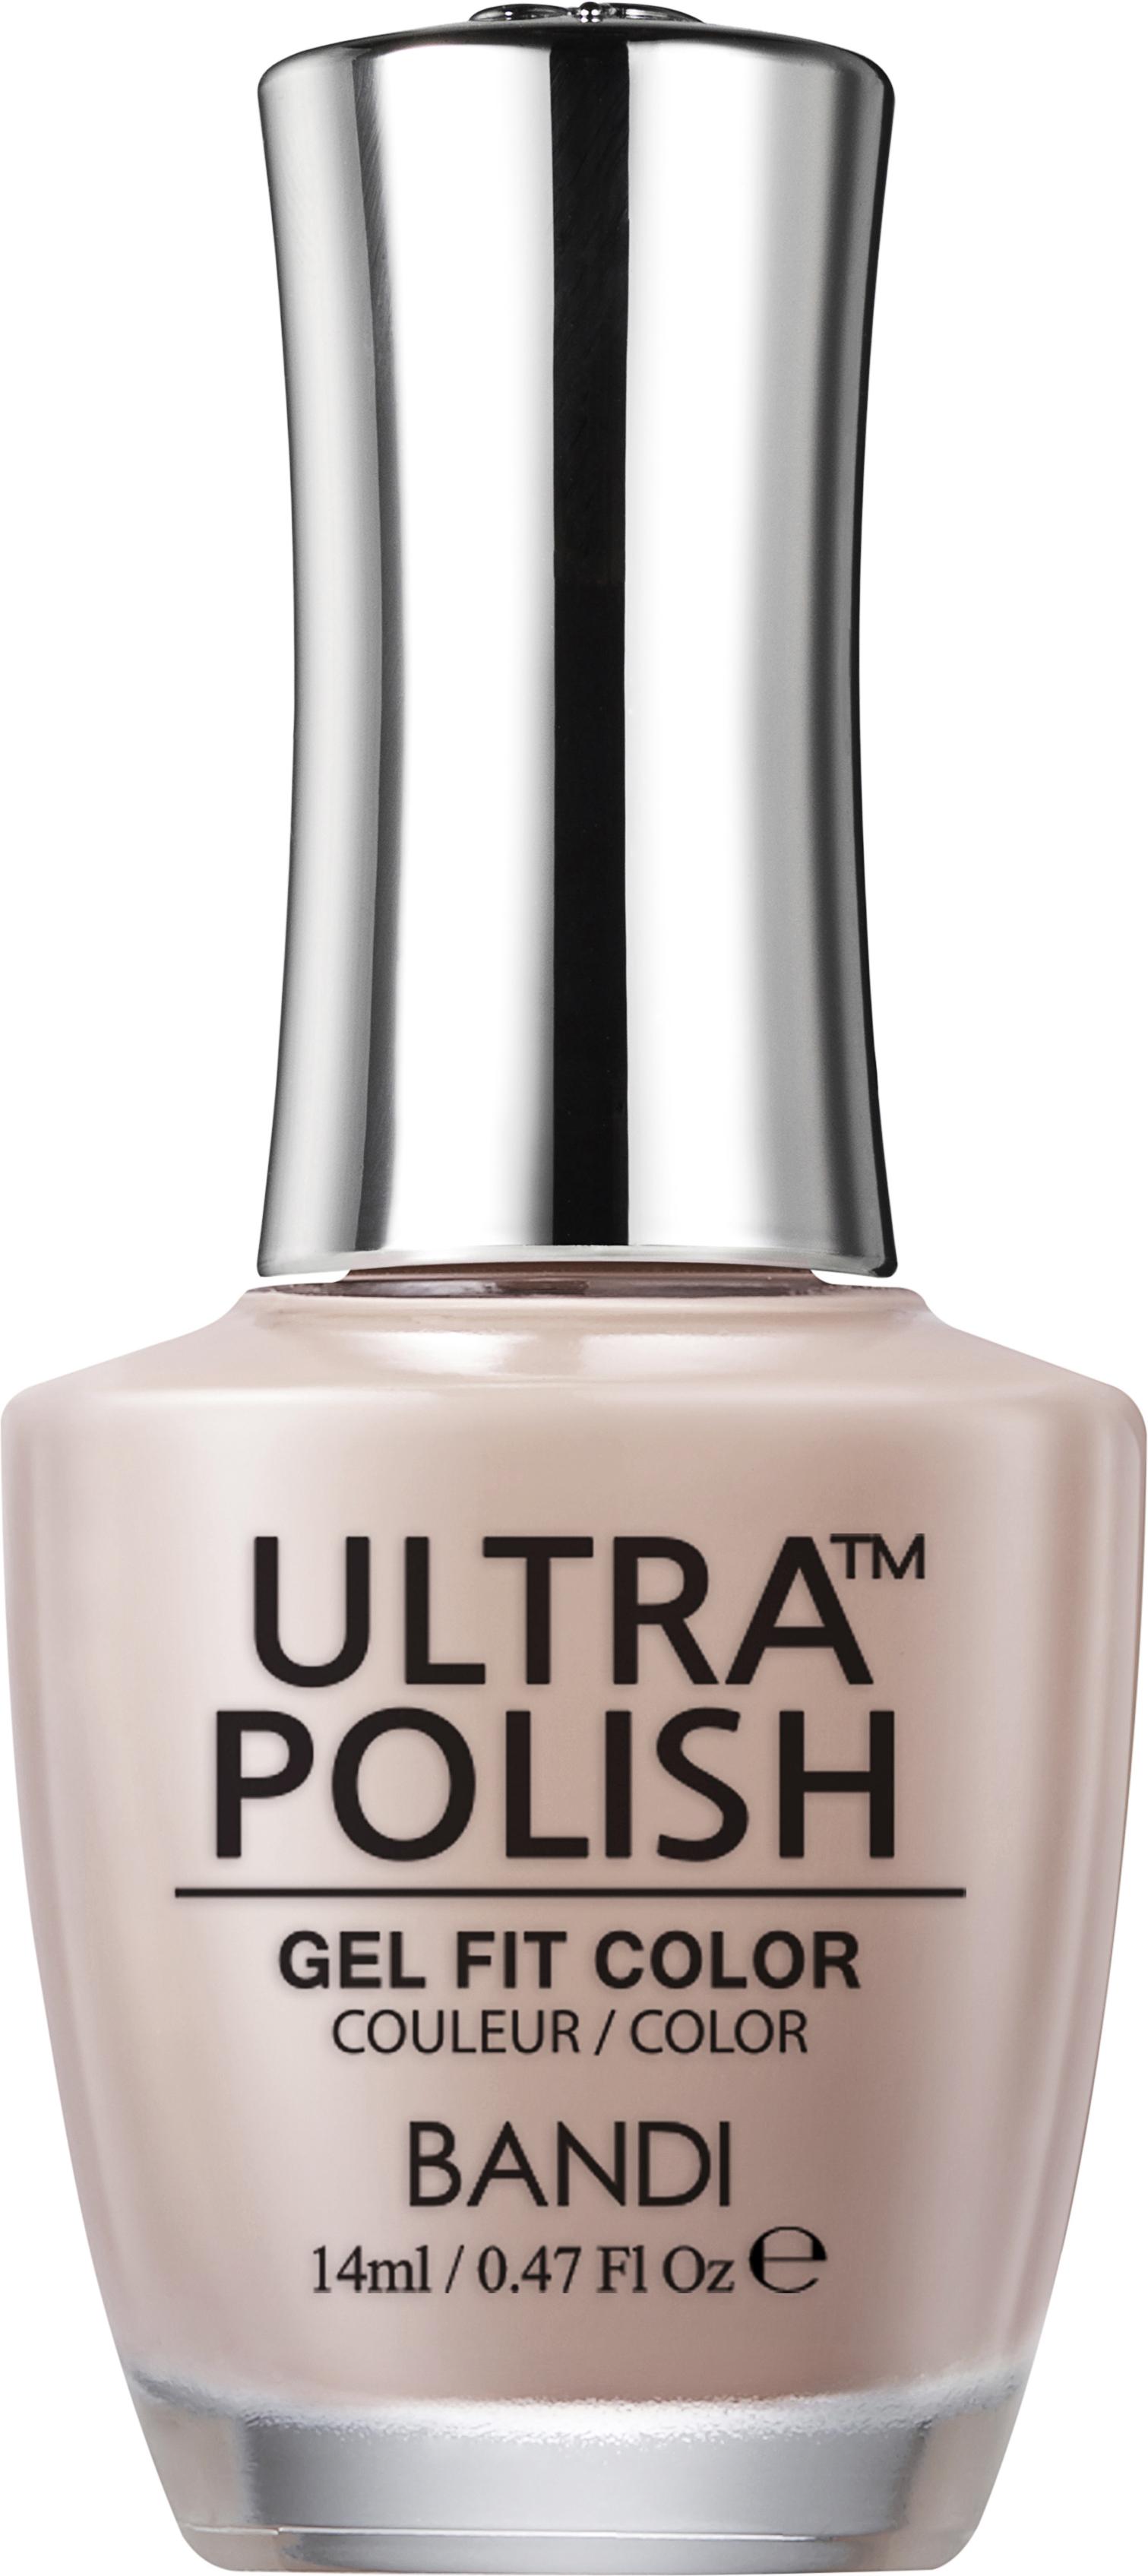 Купить BANDI UP201 ультра-покрытие долговременное цветное для ногтей / ULTRA POLISH GEL FIT COLOR 14 мл, Коричневые